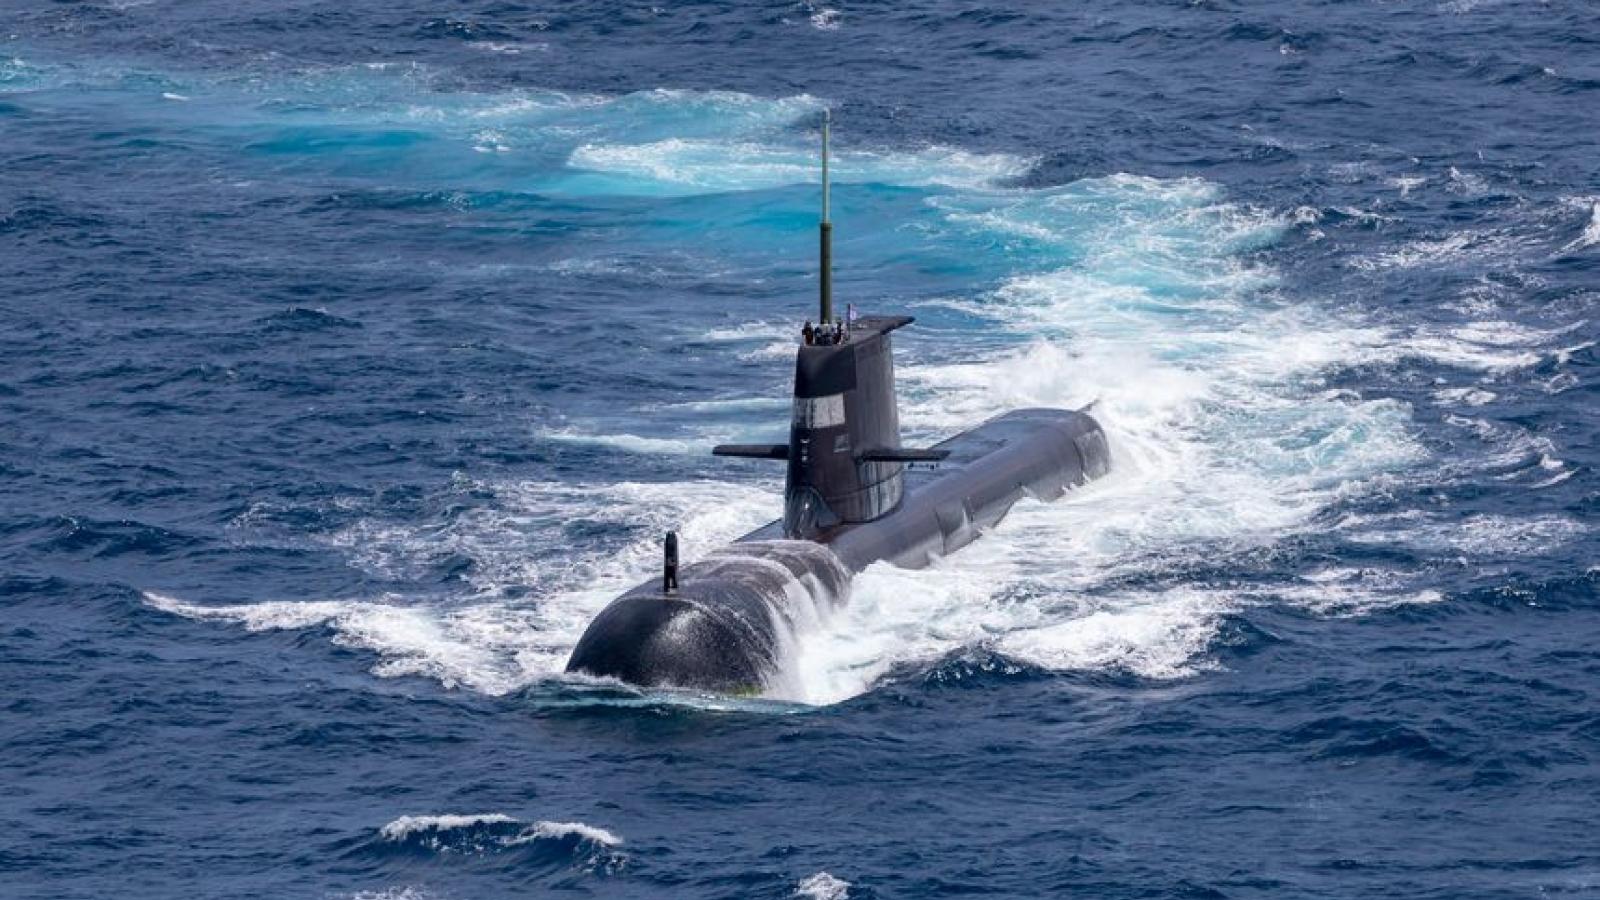 Australia sẽ mất bao lâu để hủy hợp đồng tàu ngầm với Pháp?